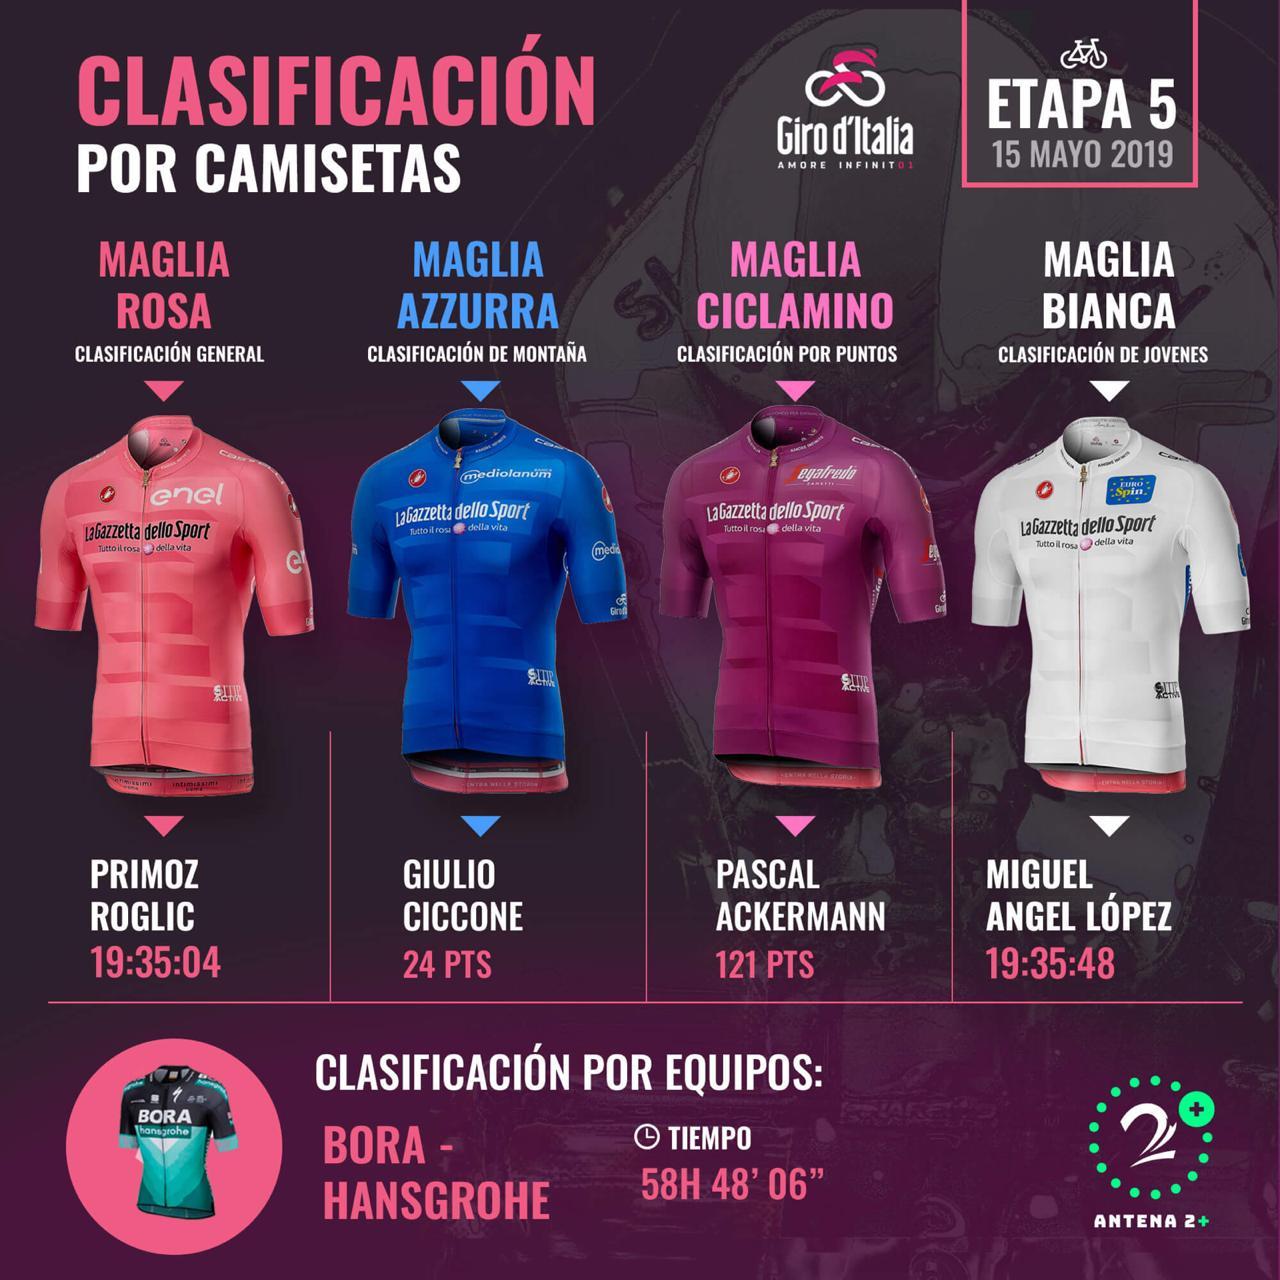 Clasificación del Giro de Italia por camisetas